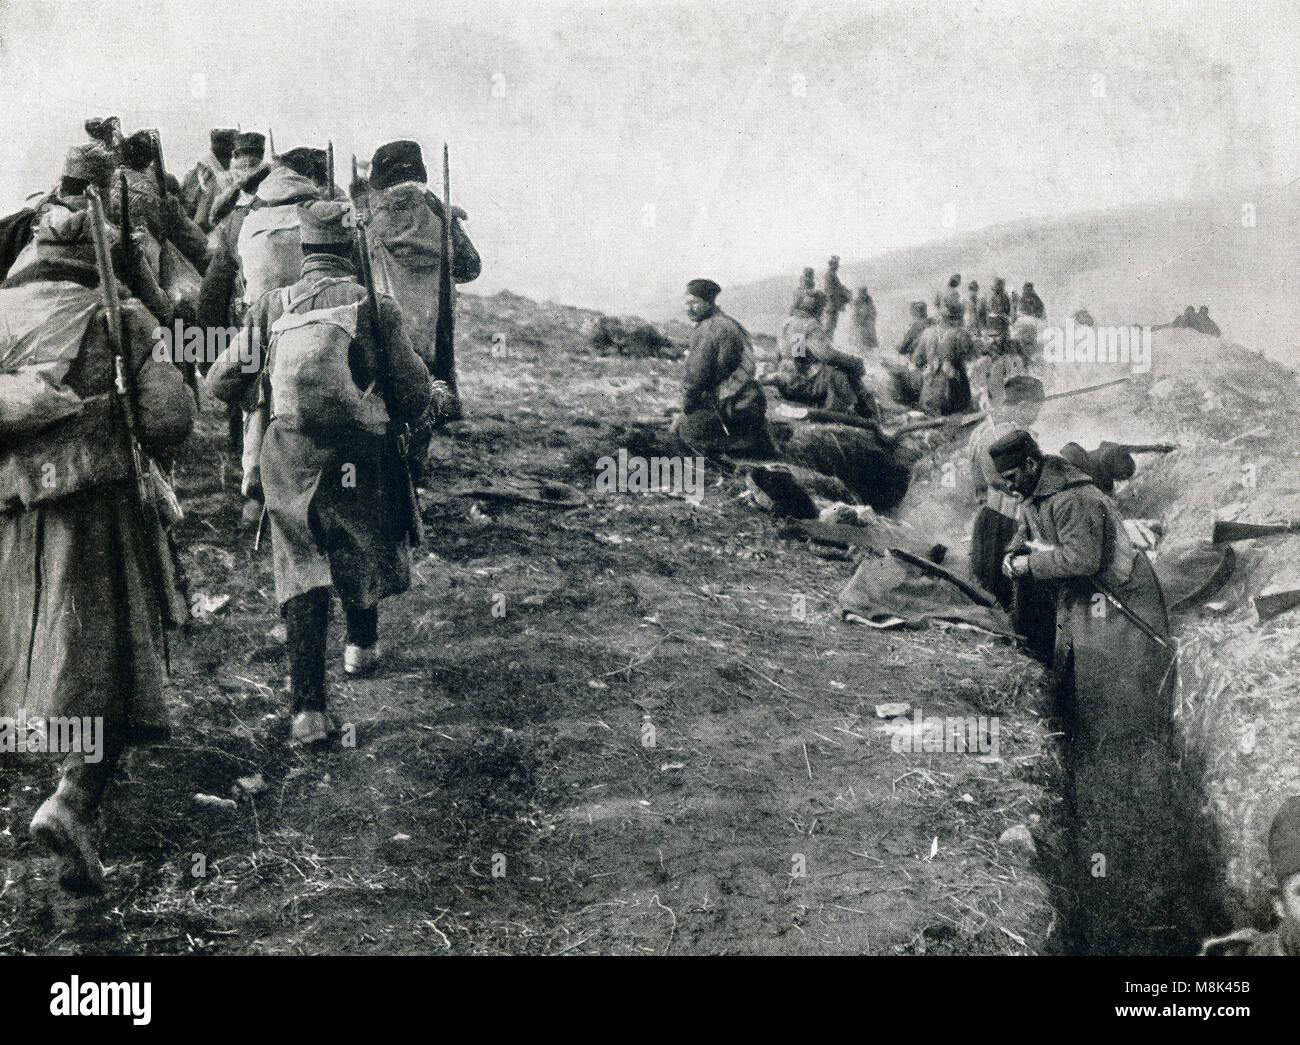 Rinforzi per una dura pressione linea. Un distaccamento di truppe accorsero per aiutare i loro compagni tenere alcune Immagini Stock